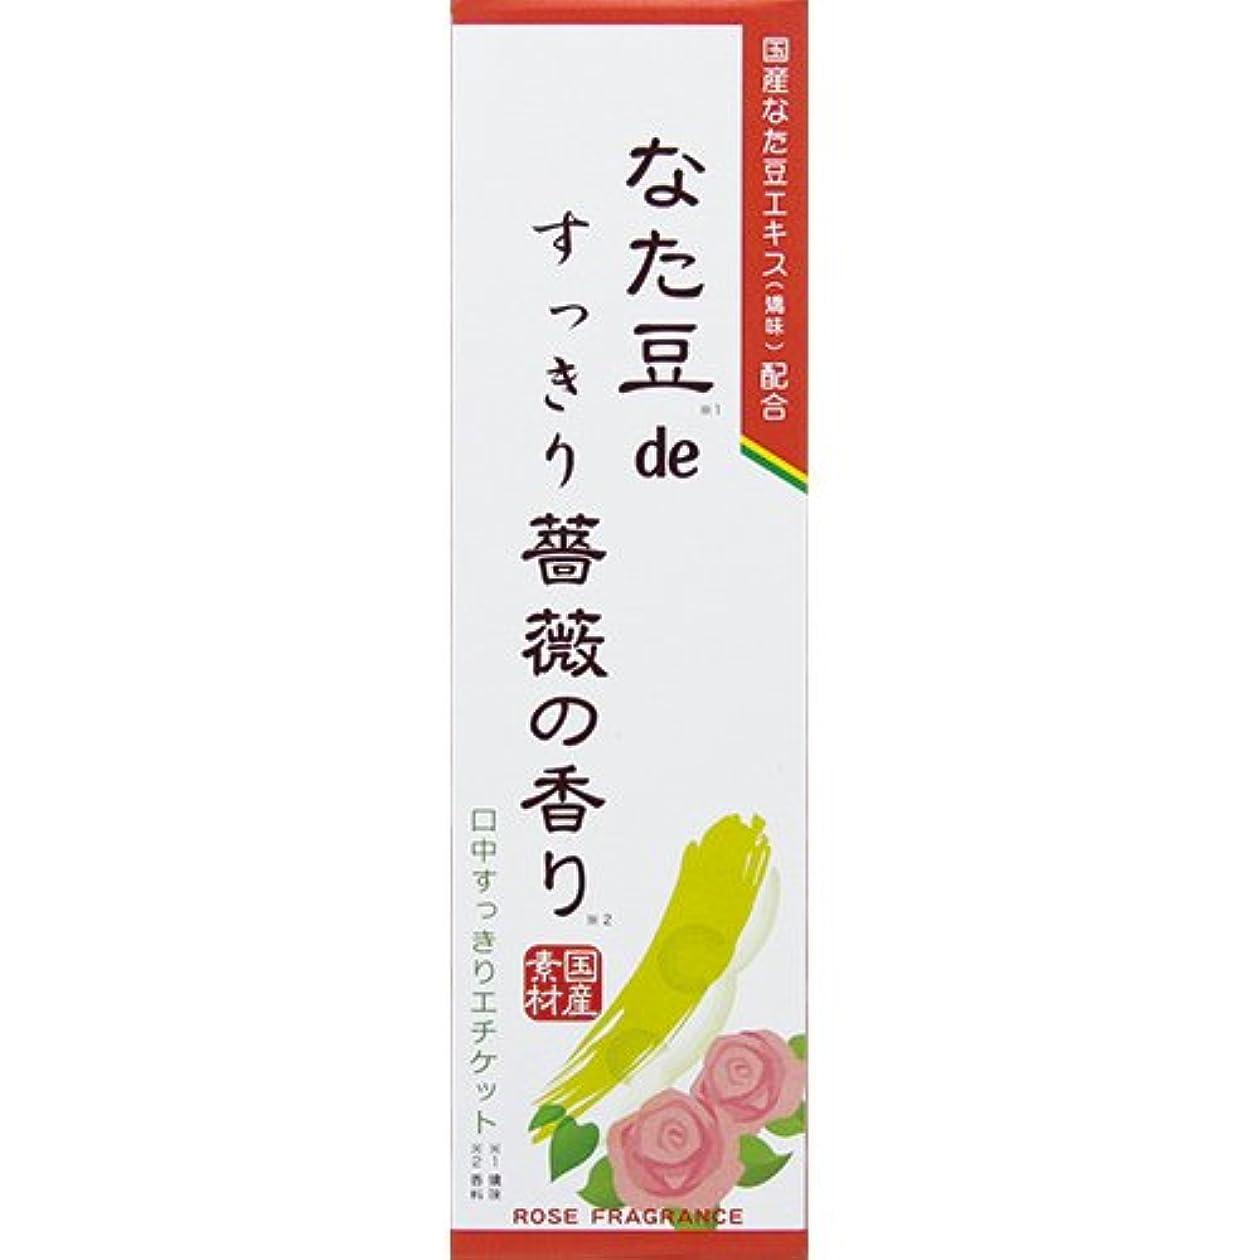 大胆牧師要件なた豆deすっきり薔薇の香り 120g